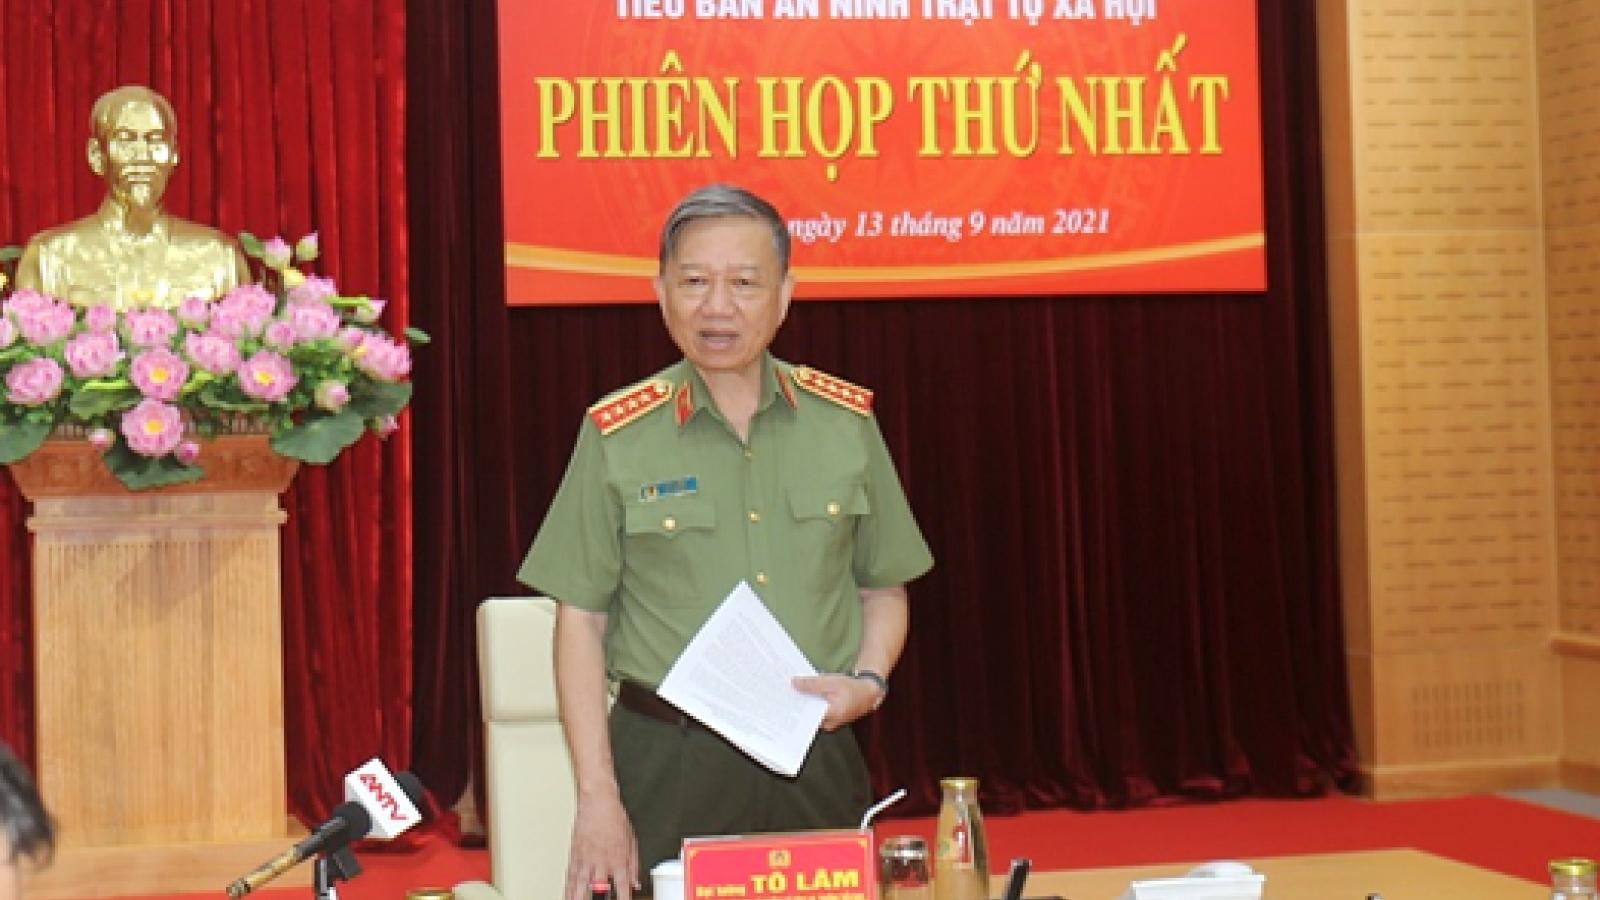 Bộ trưởng Tô Lâm họpTiểu ban An ninh trật tự phòng, chống dịch COVID-19